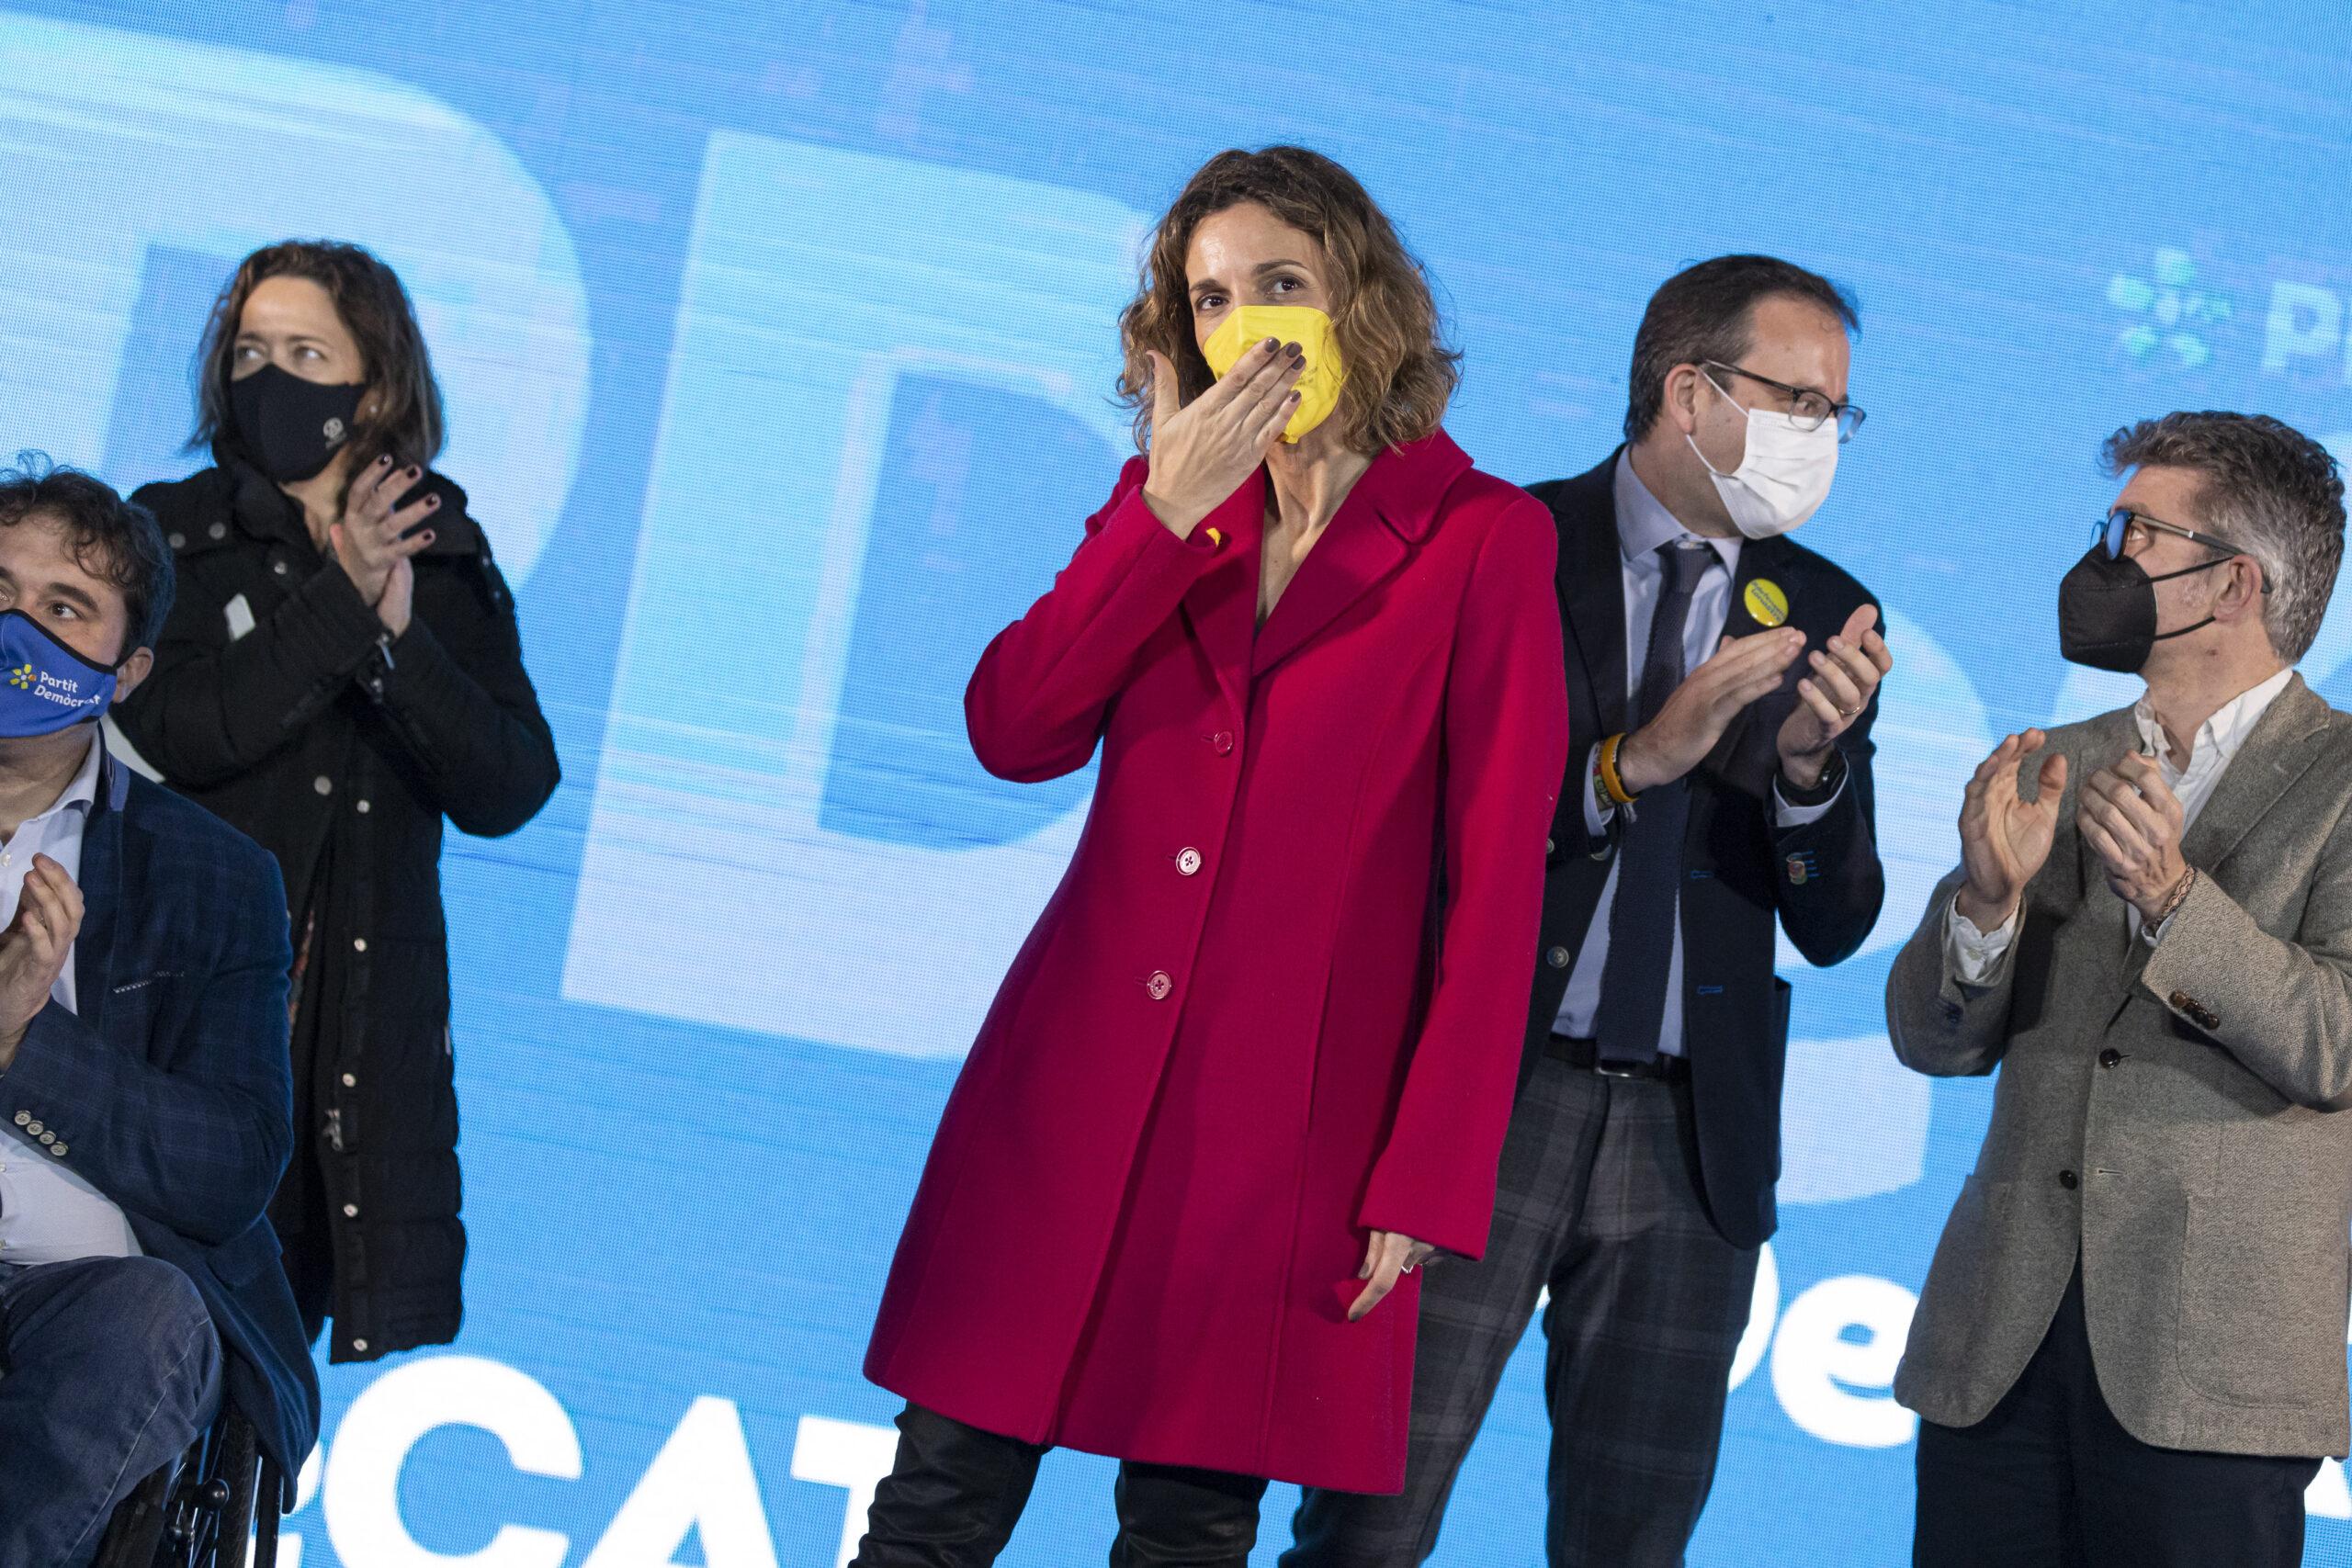 La cap de llista del PDeCAT a les eleccions, Àngels Chacón, en l'acte de final de campanya del partit al Recinte Modernista de Sant Pau, a Barcelona. Imatge del 12 de febrer de 2021 / ACN